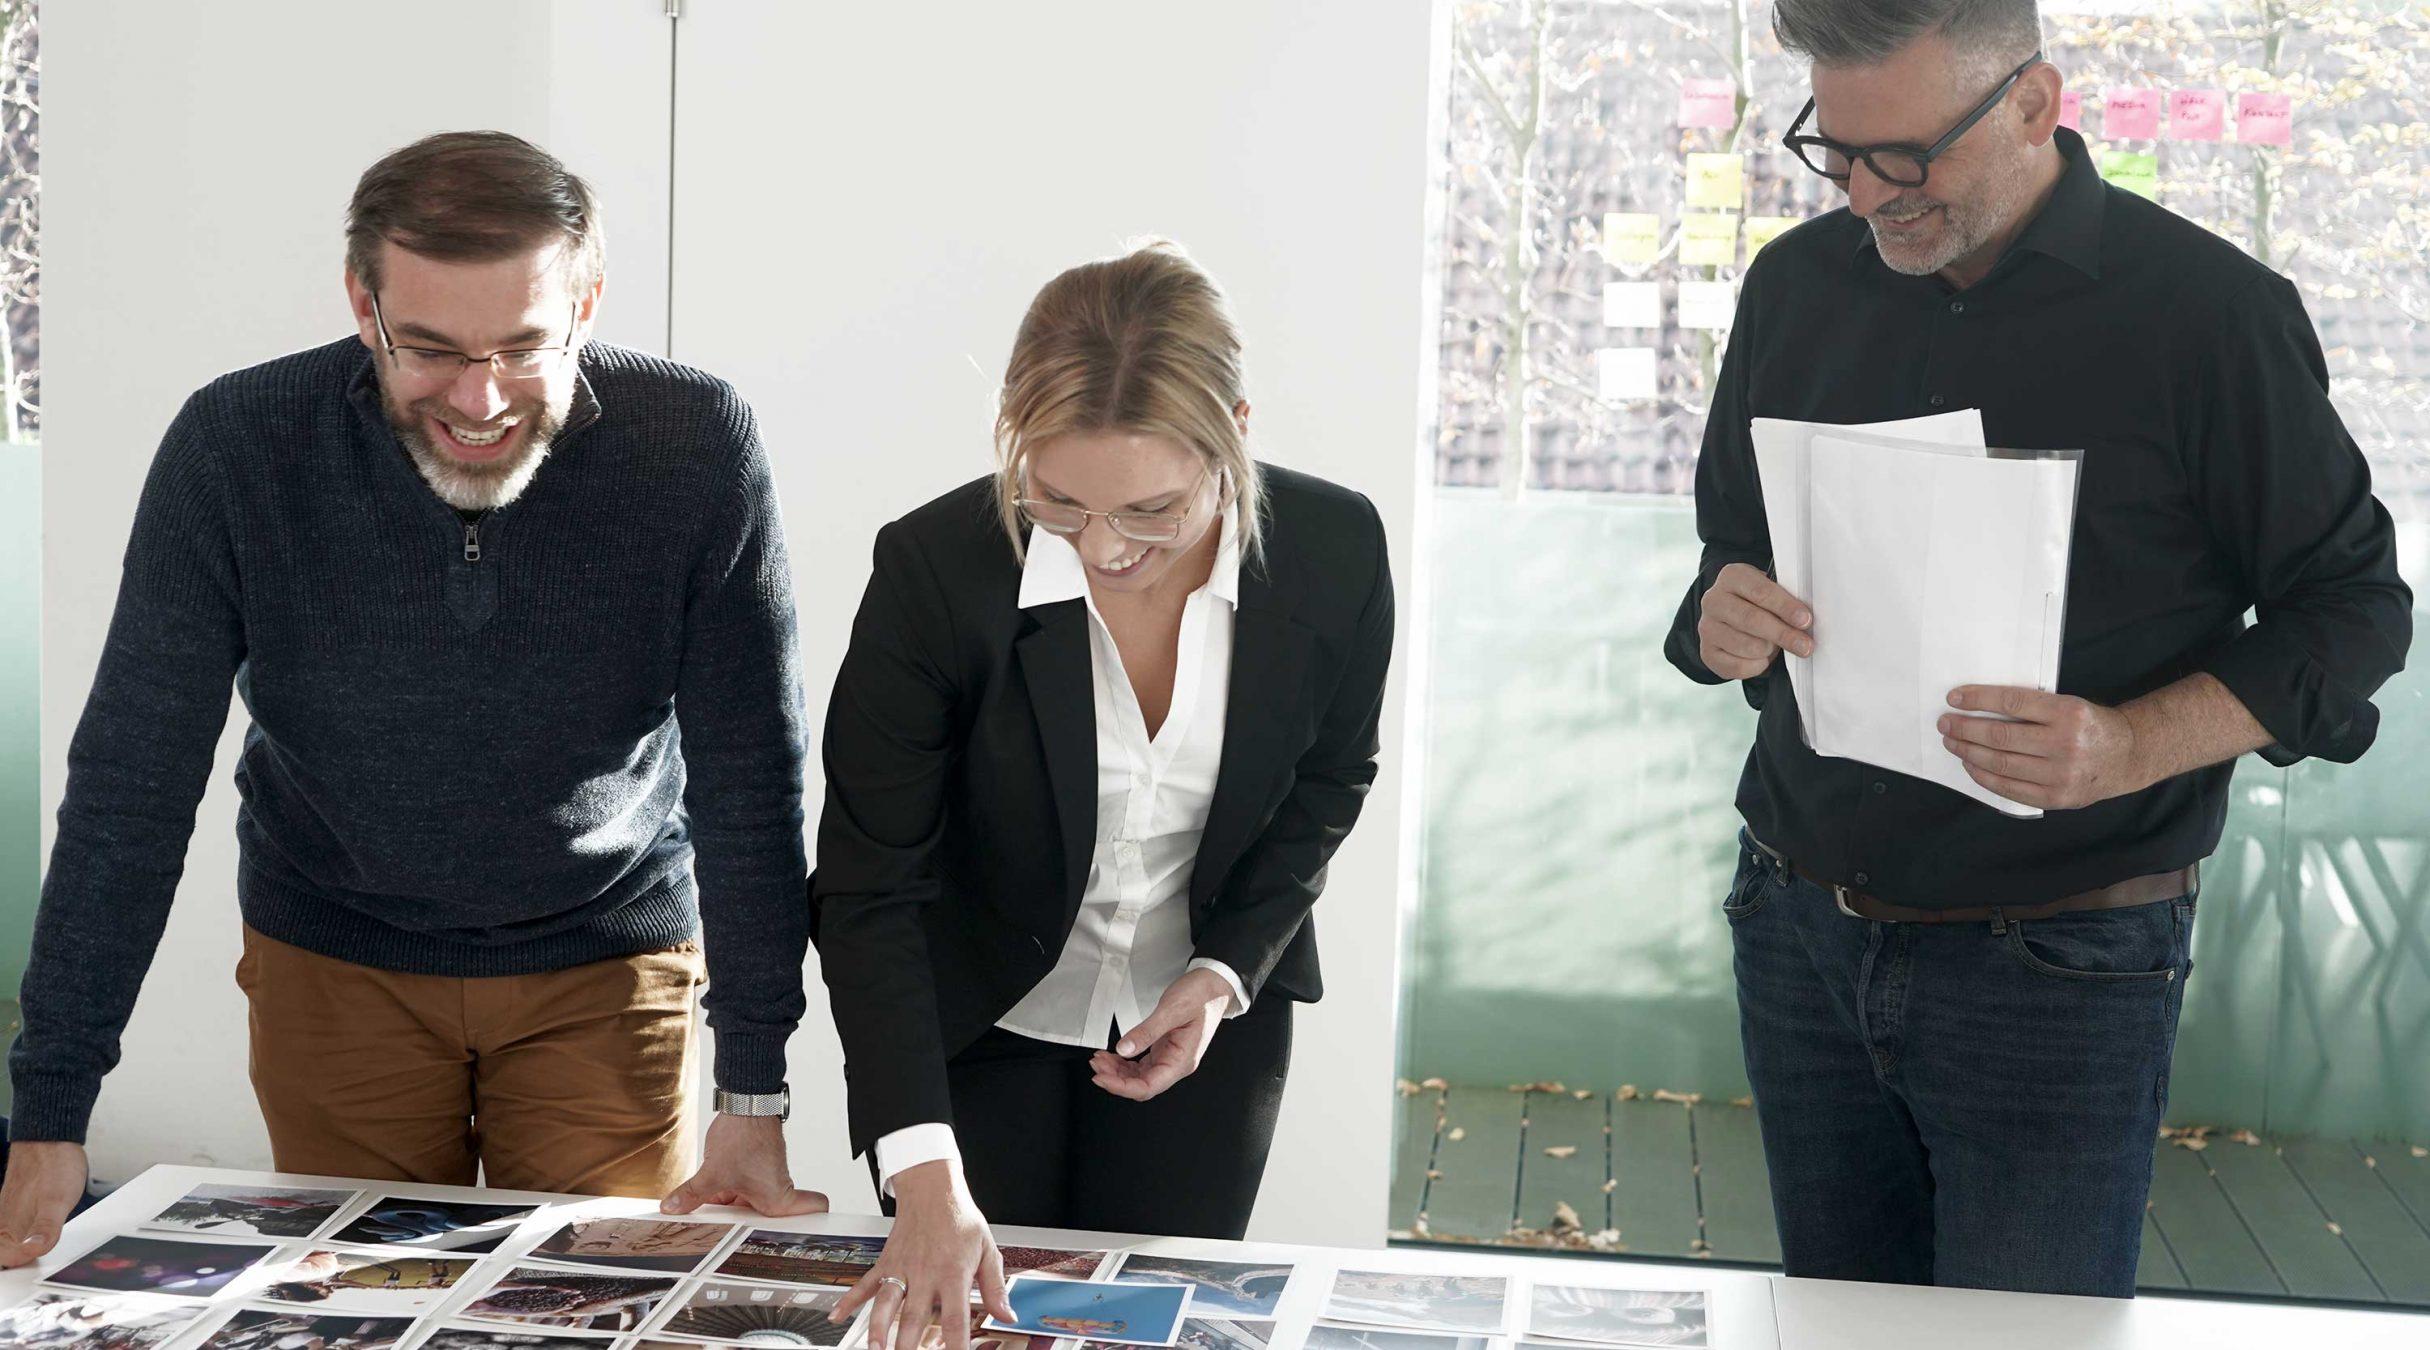 Workshop-Teilnehmer suchen Karten aus